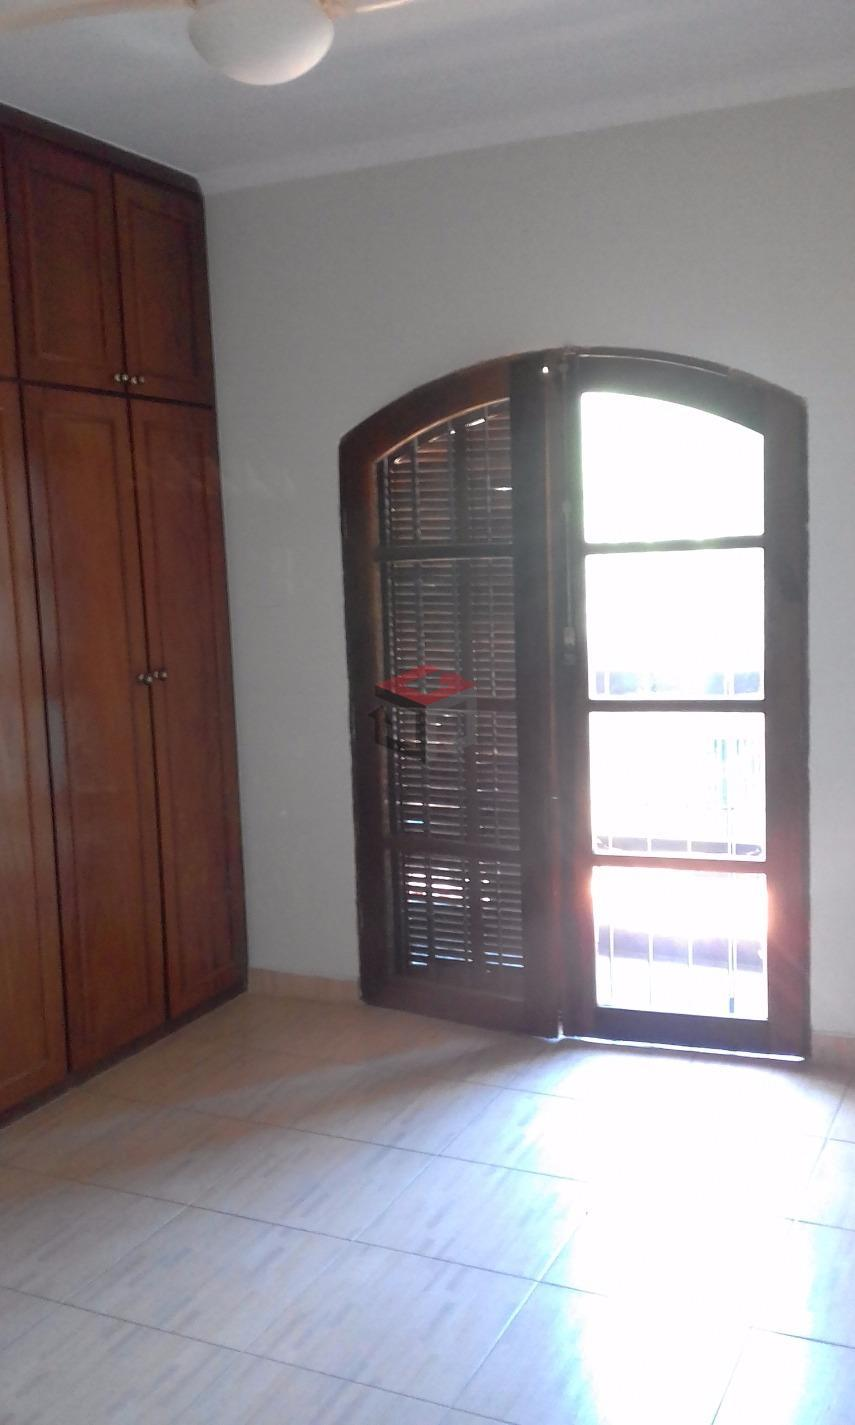 espaçoso sobrado no valparaíso com 166 m² de área construída sendo 4 dormitórios com 1 suite...